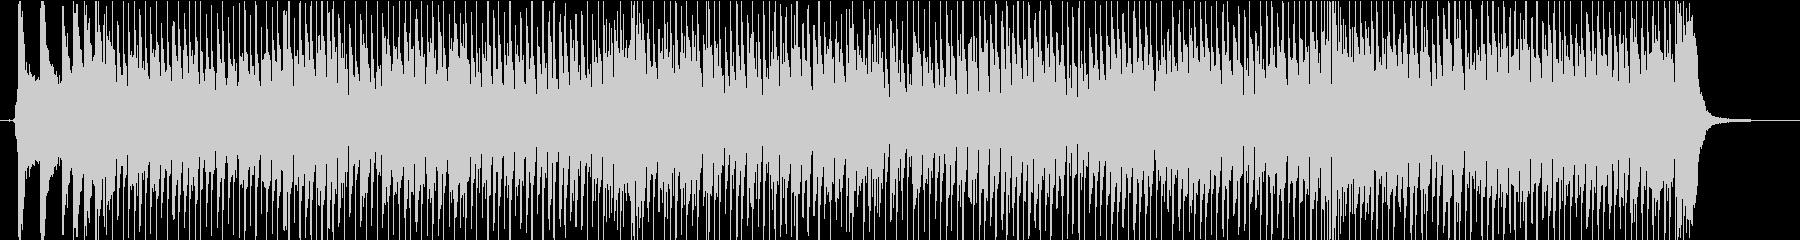 フィドルとマンドリンの軽快なカントリーの未再生の波形